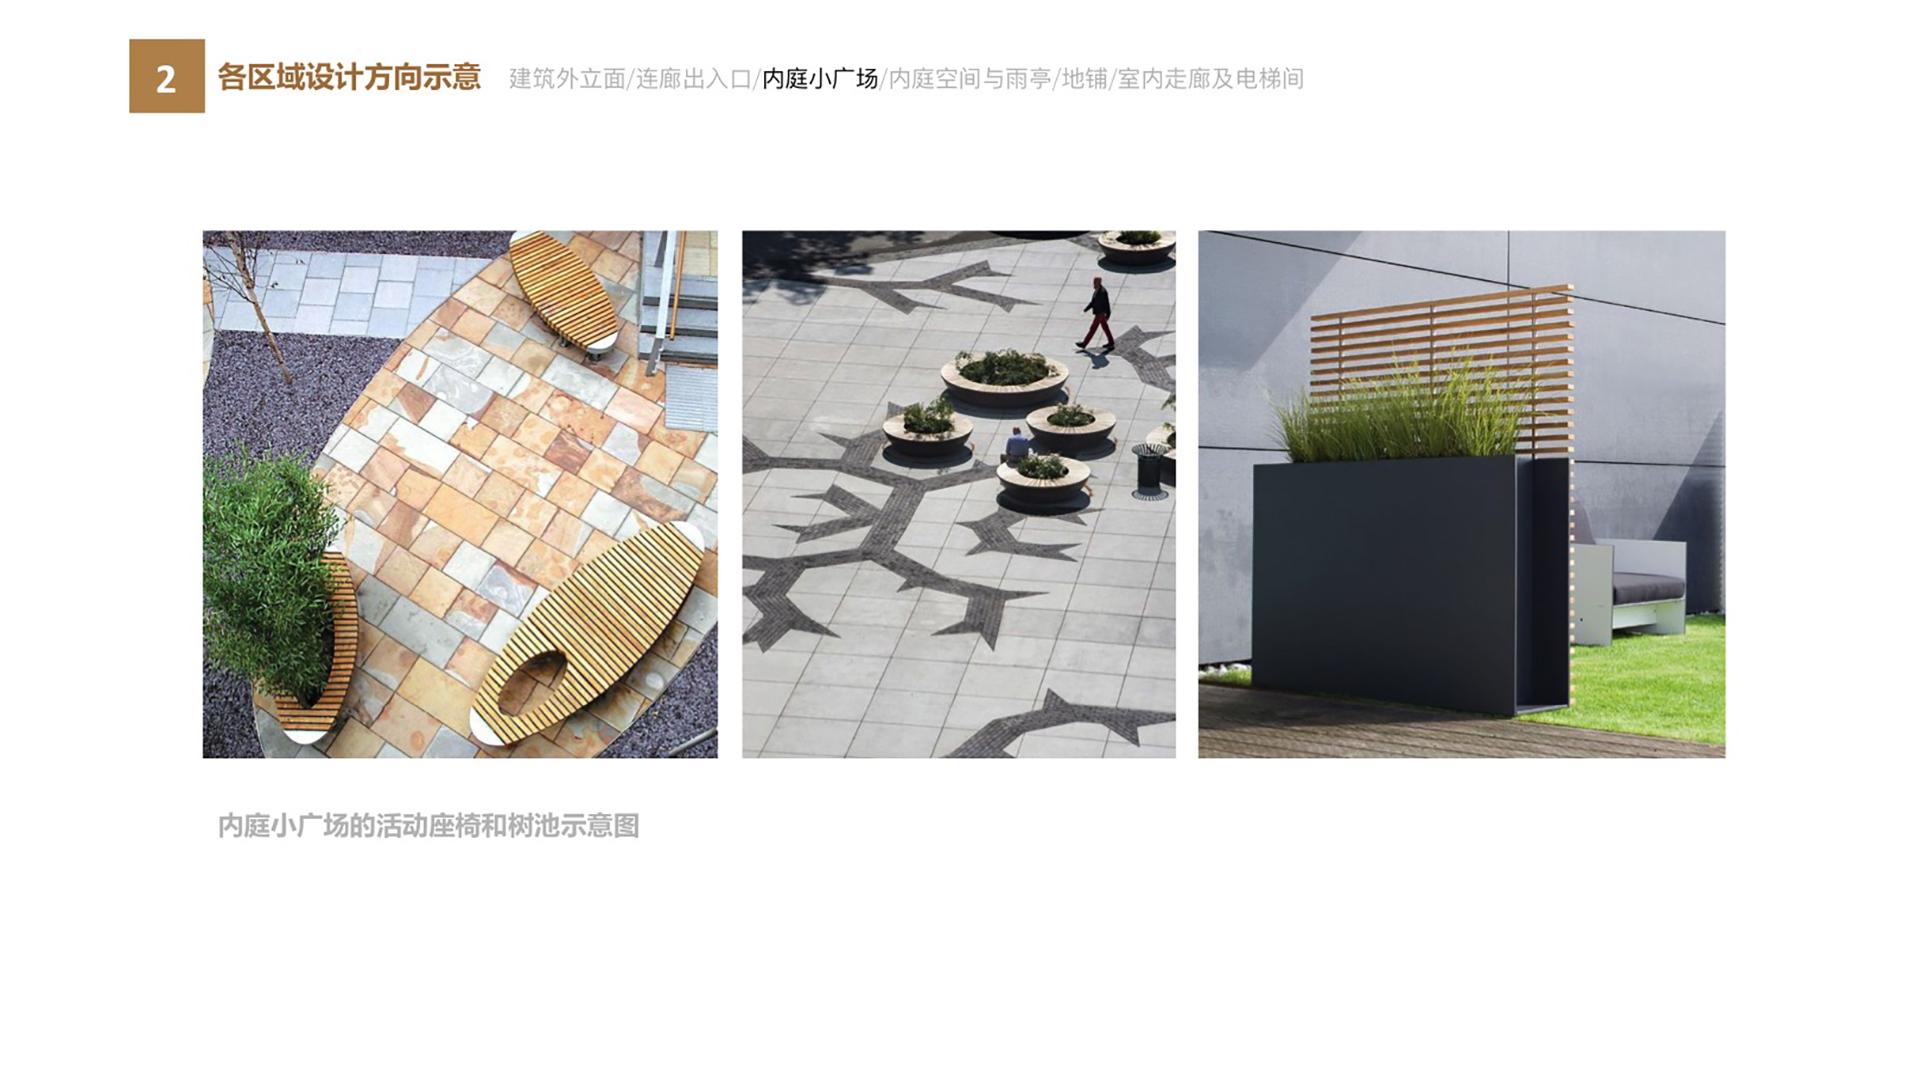 碧桂园商业楼空间设计各区域设计方向示意